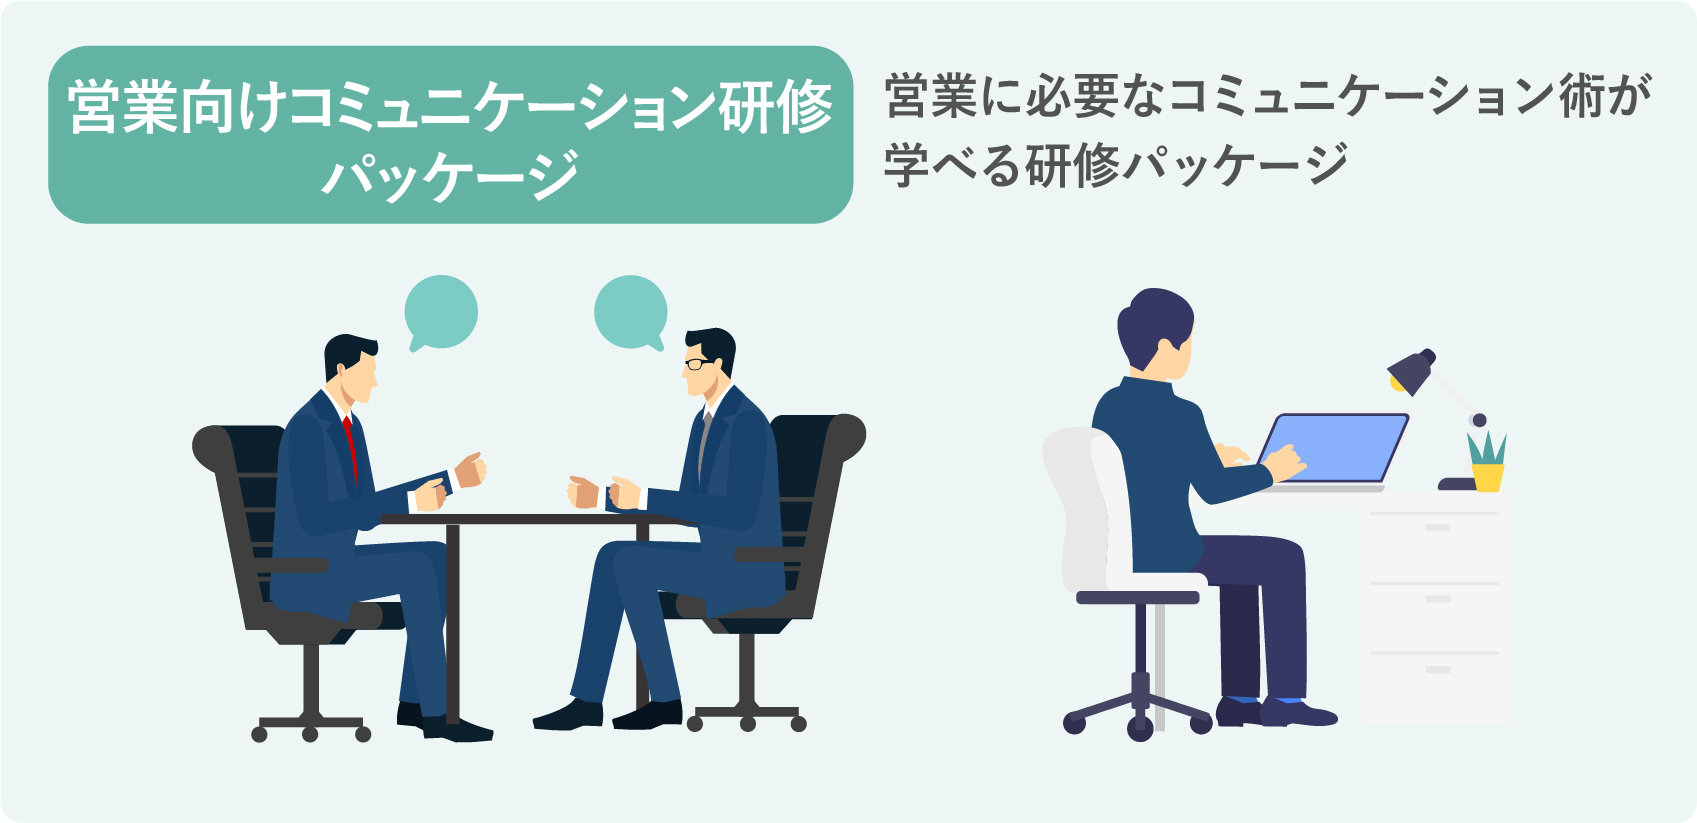 営業向けコミュニケーション研修パッケージ